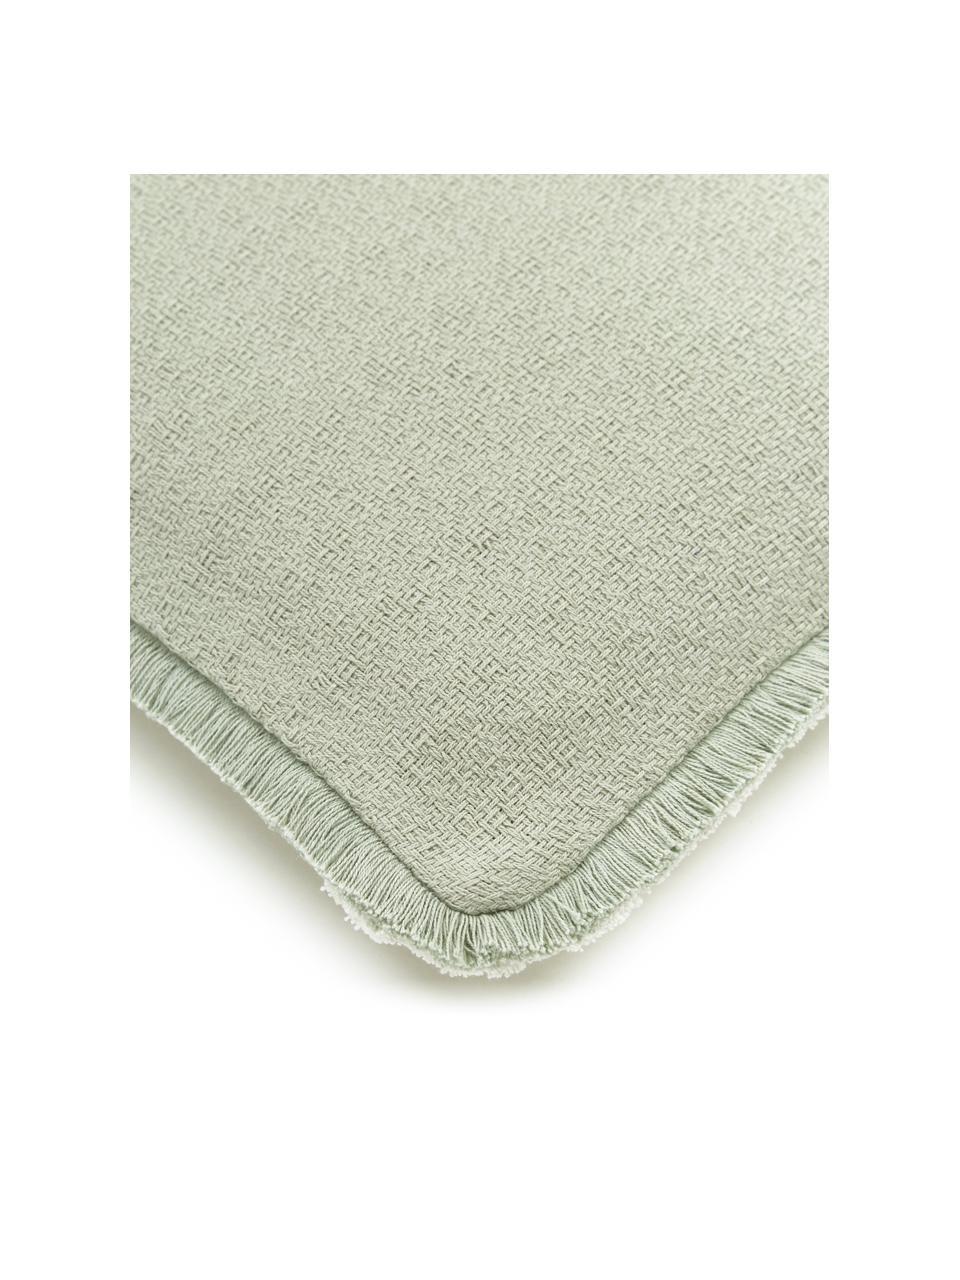 Wendekissenhülle Loran in Mintgrün mit dekorativen Fransen, 100% Baumwolle, Grün, 40 x 40 cm